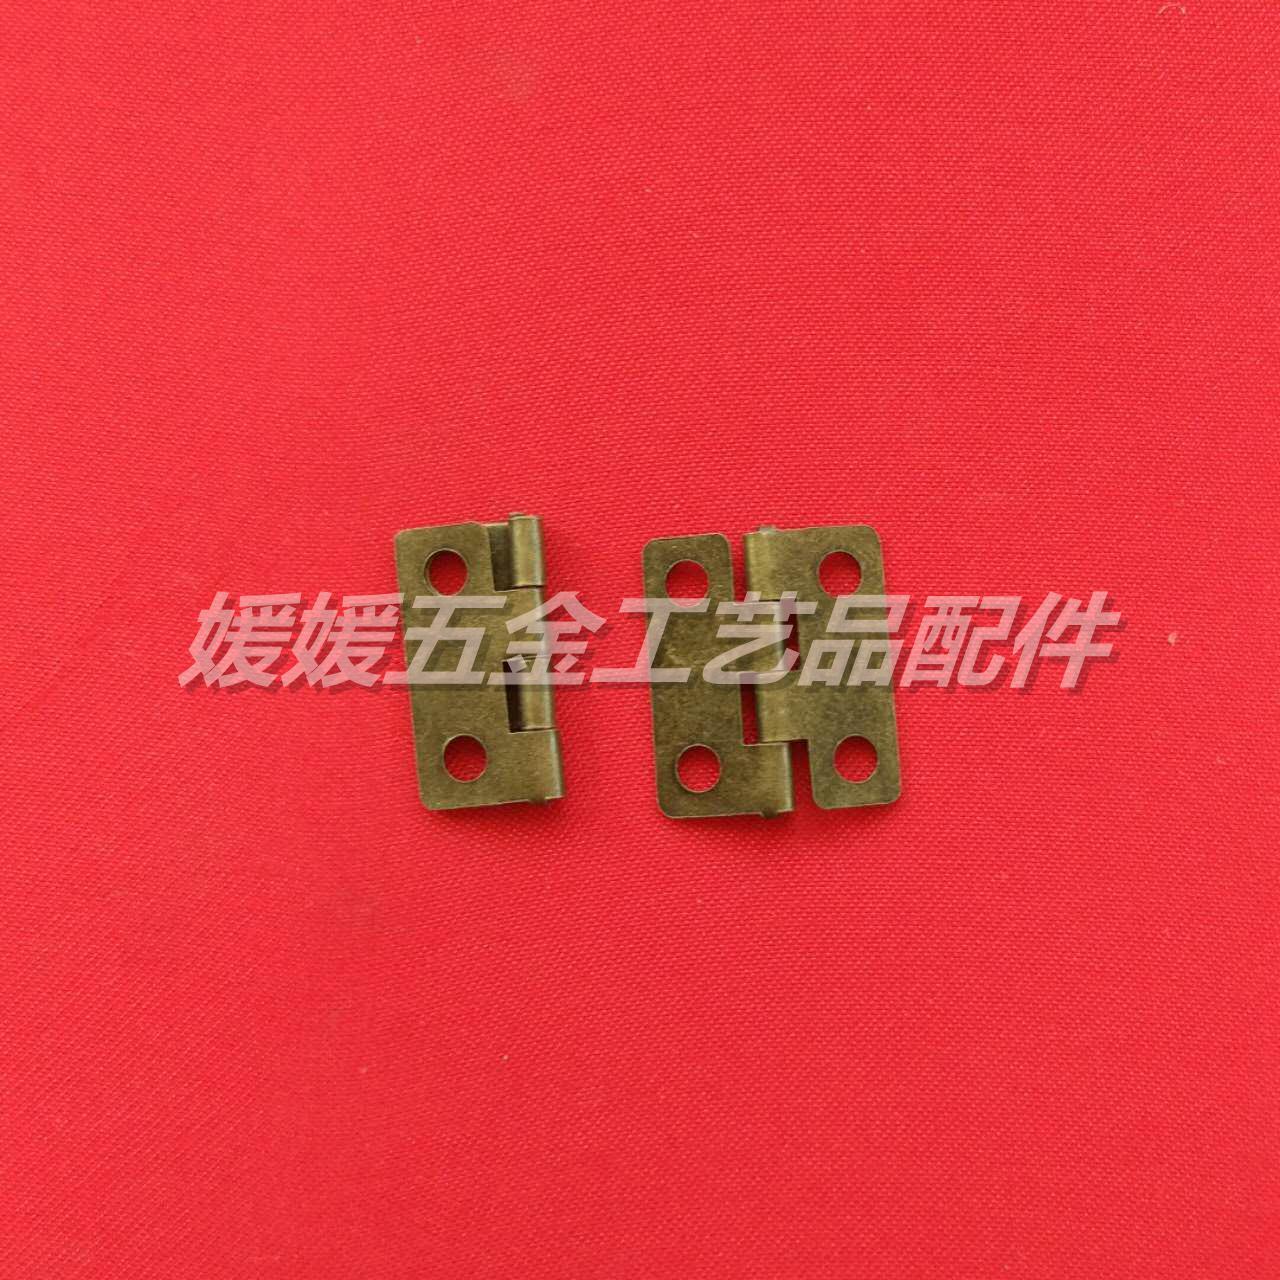 Ein scharnier - filet holzkiste Kleine hardware - zubehör - mini - wohnung öffnen Kleinen scharnier.